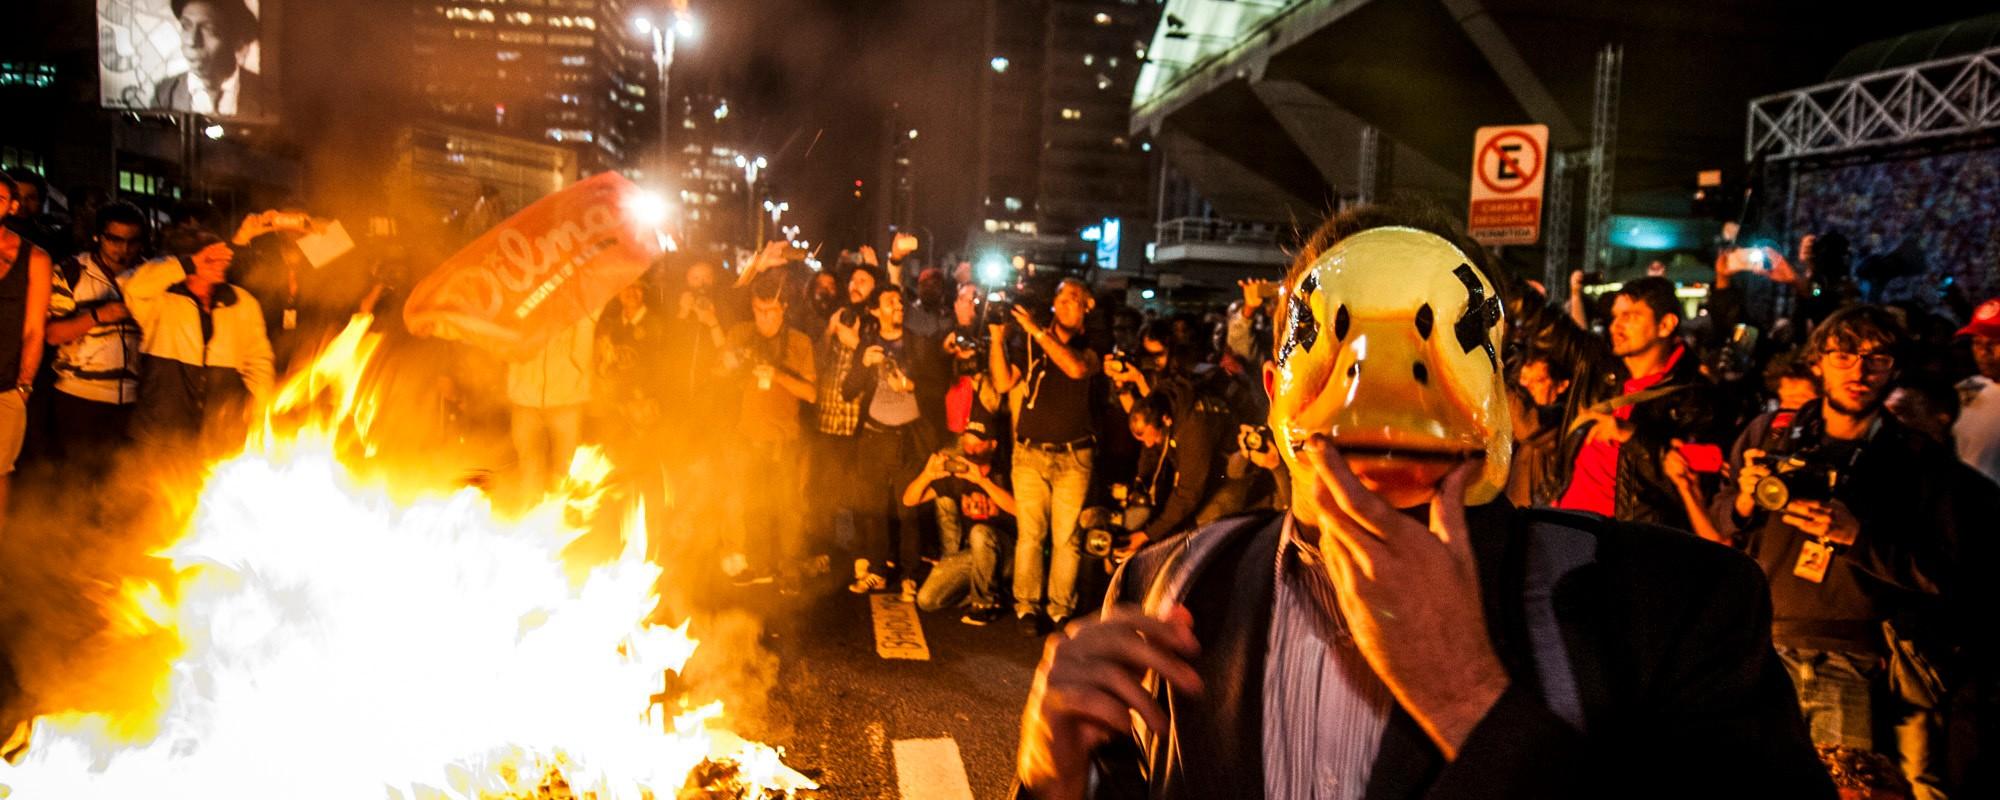 Ato contra o presidente interino Temer fecha a avenida Paulista